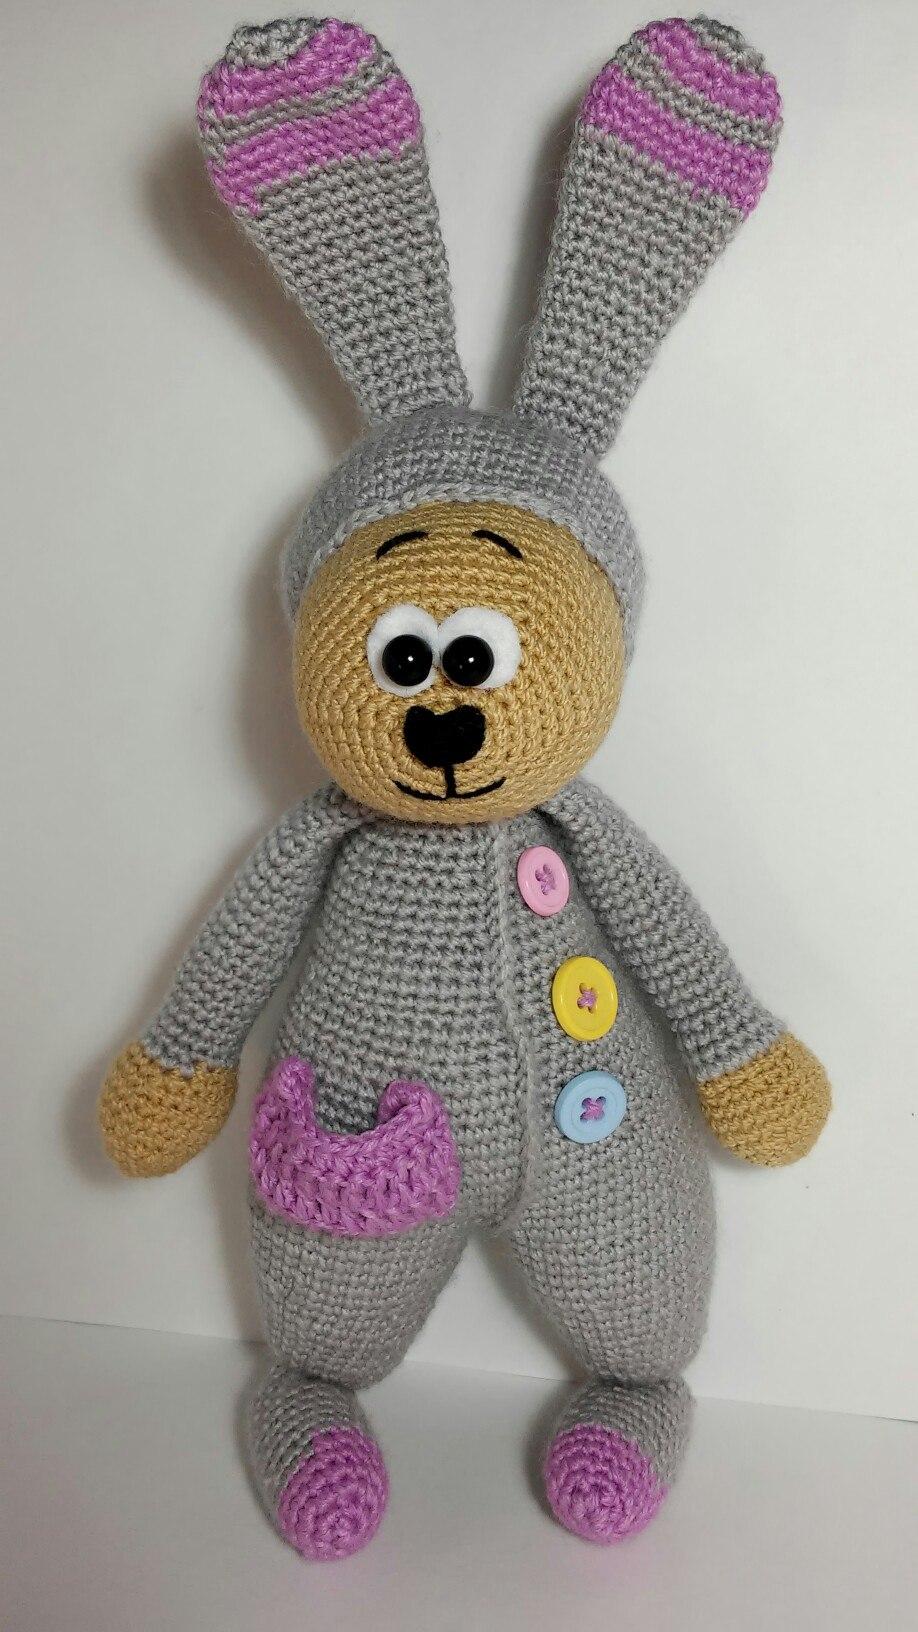 игрушки крючком схема зайца амигуруми